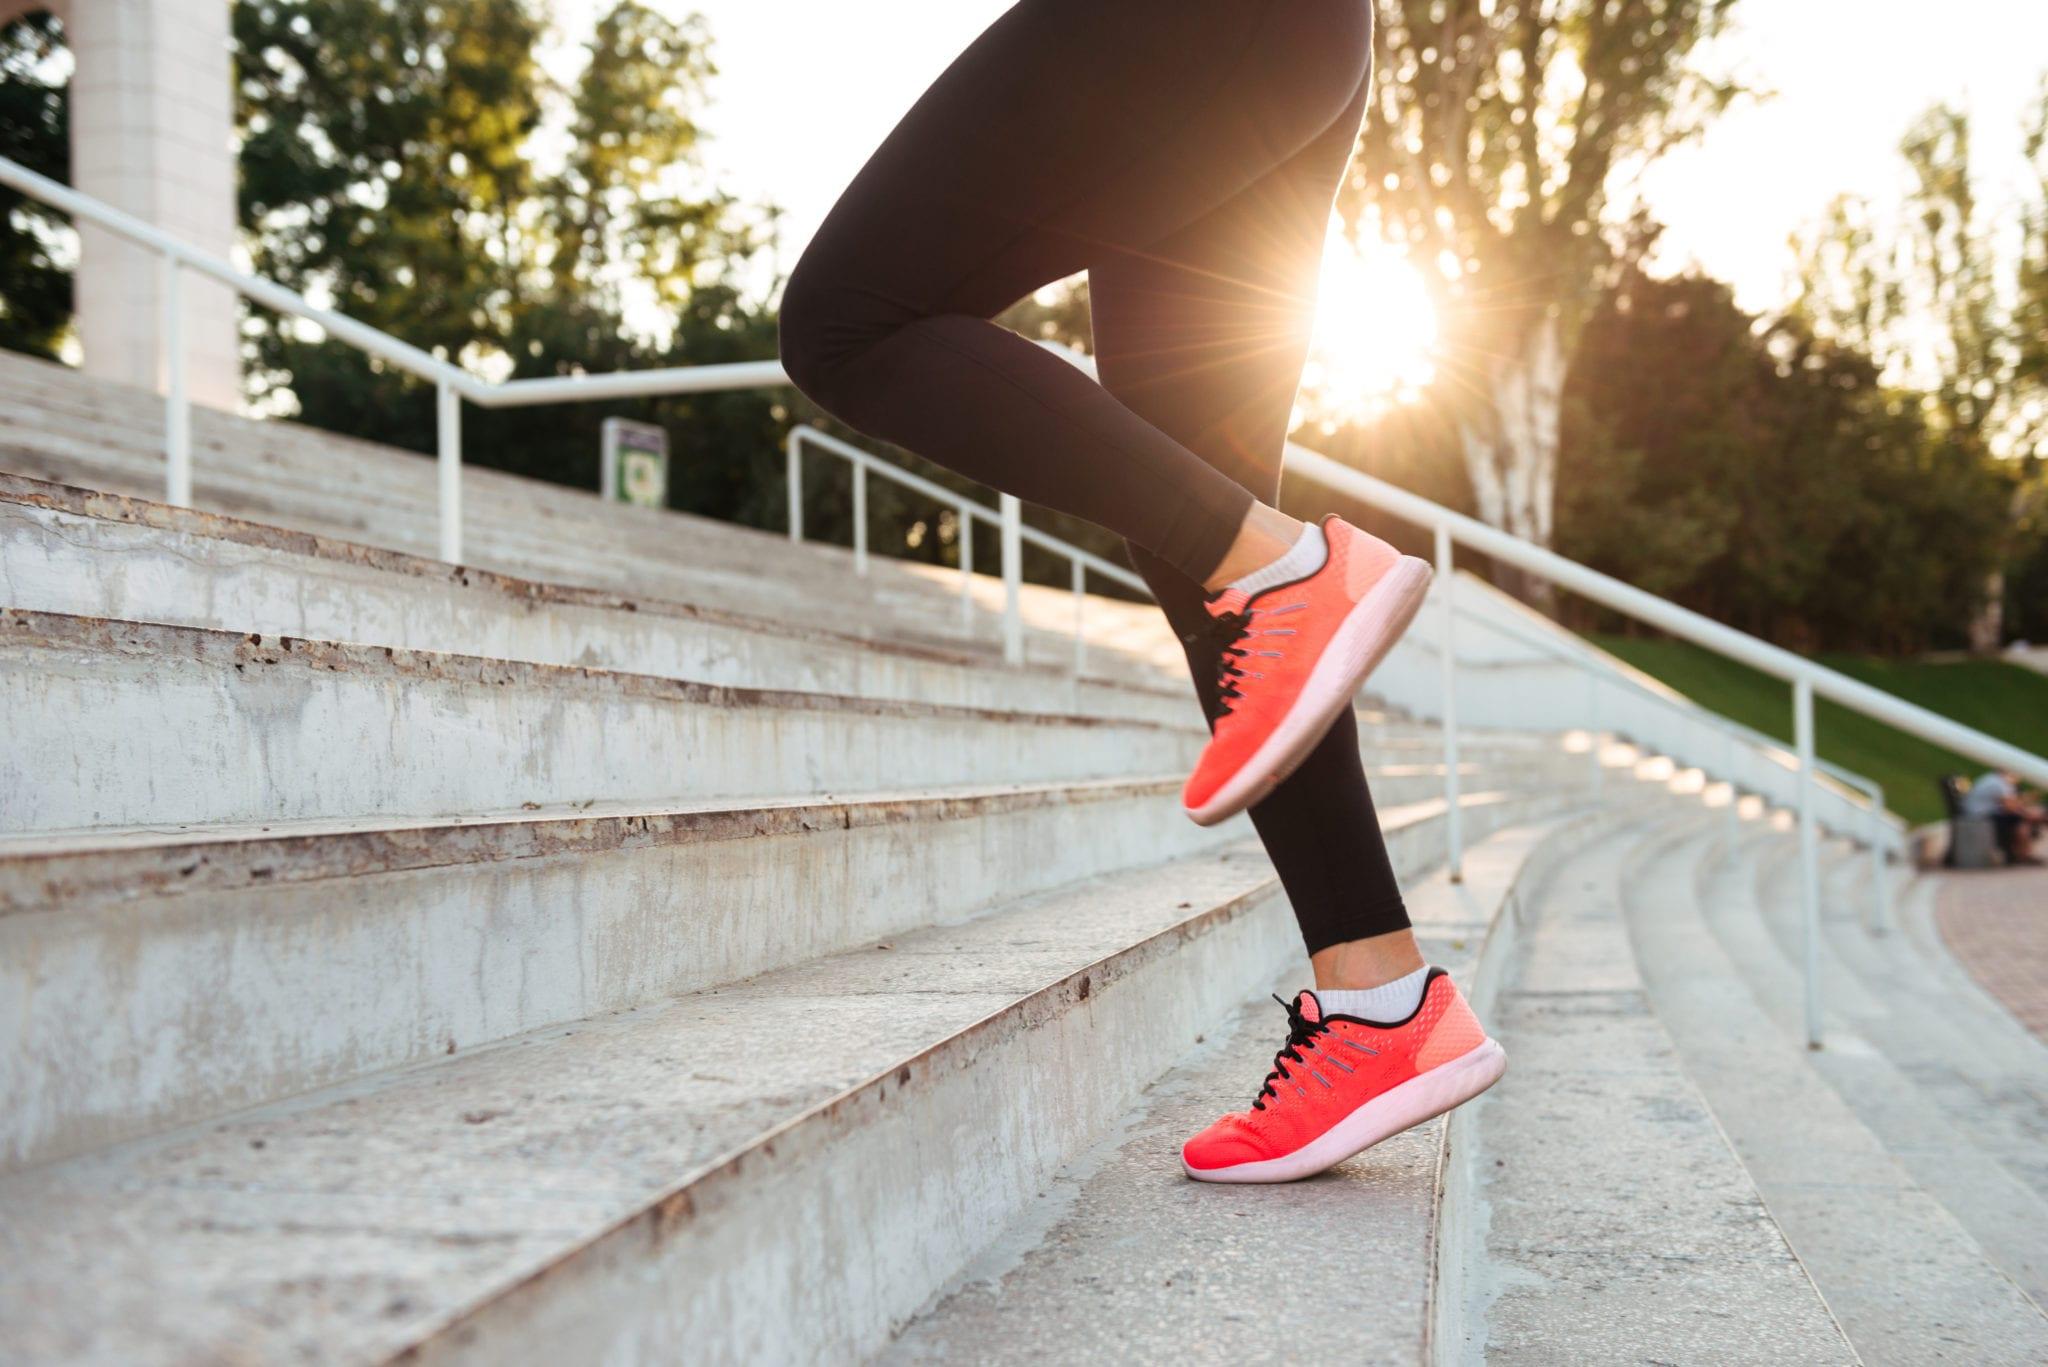 Sporten verbetert je weerstand